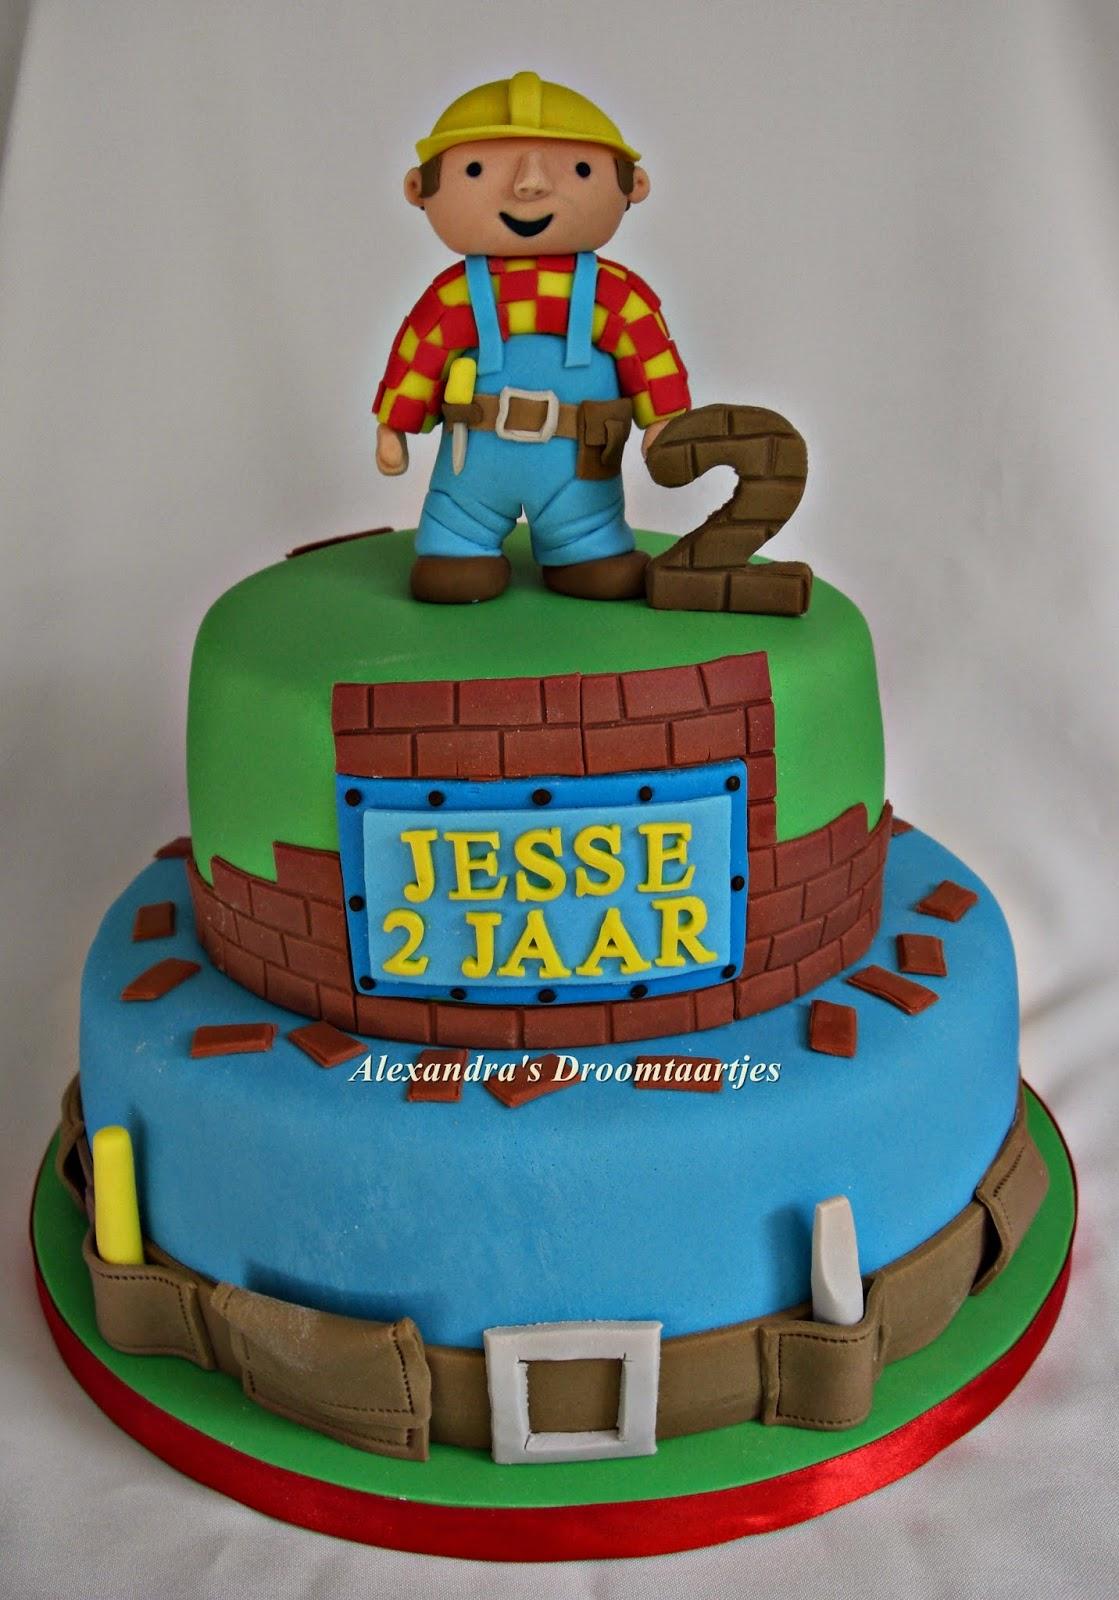 bob de bouwer taart maken Bob de Bouwer taart / jongen van 2 jaar | Alexandra's droomtaartjes bob de bouwer taart maken